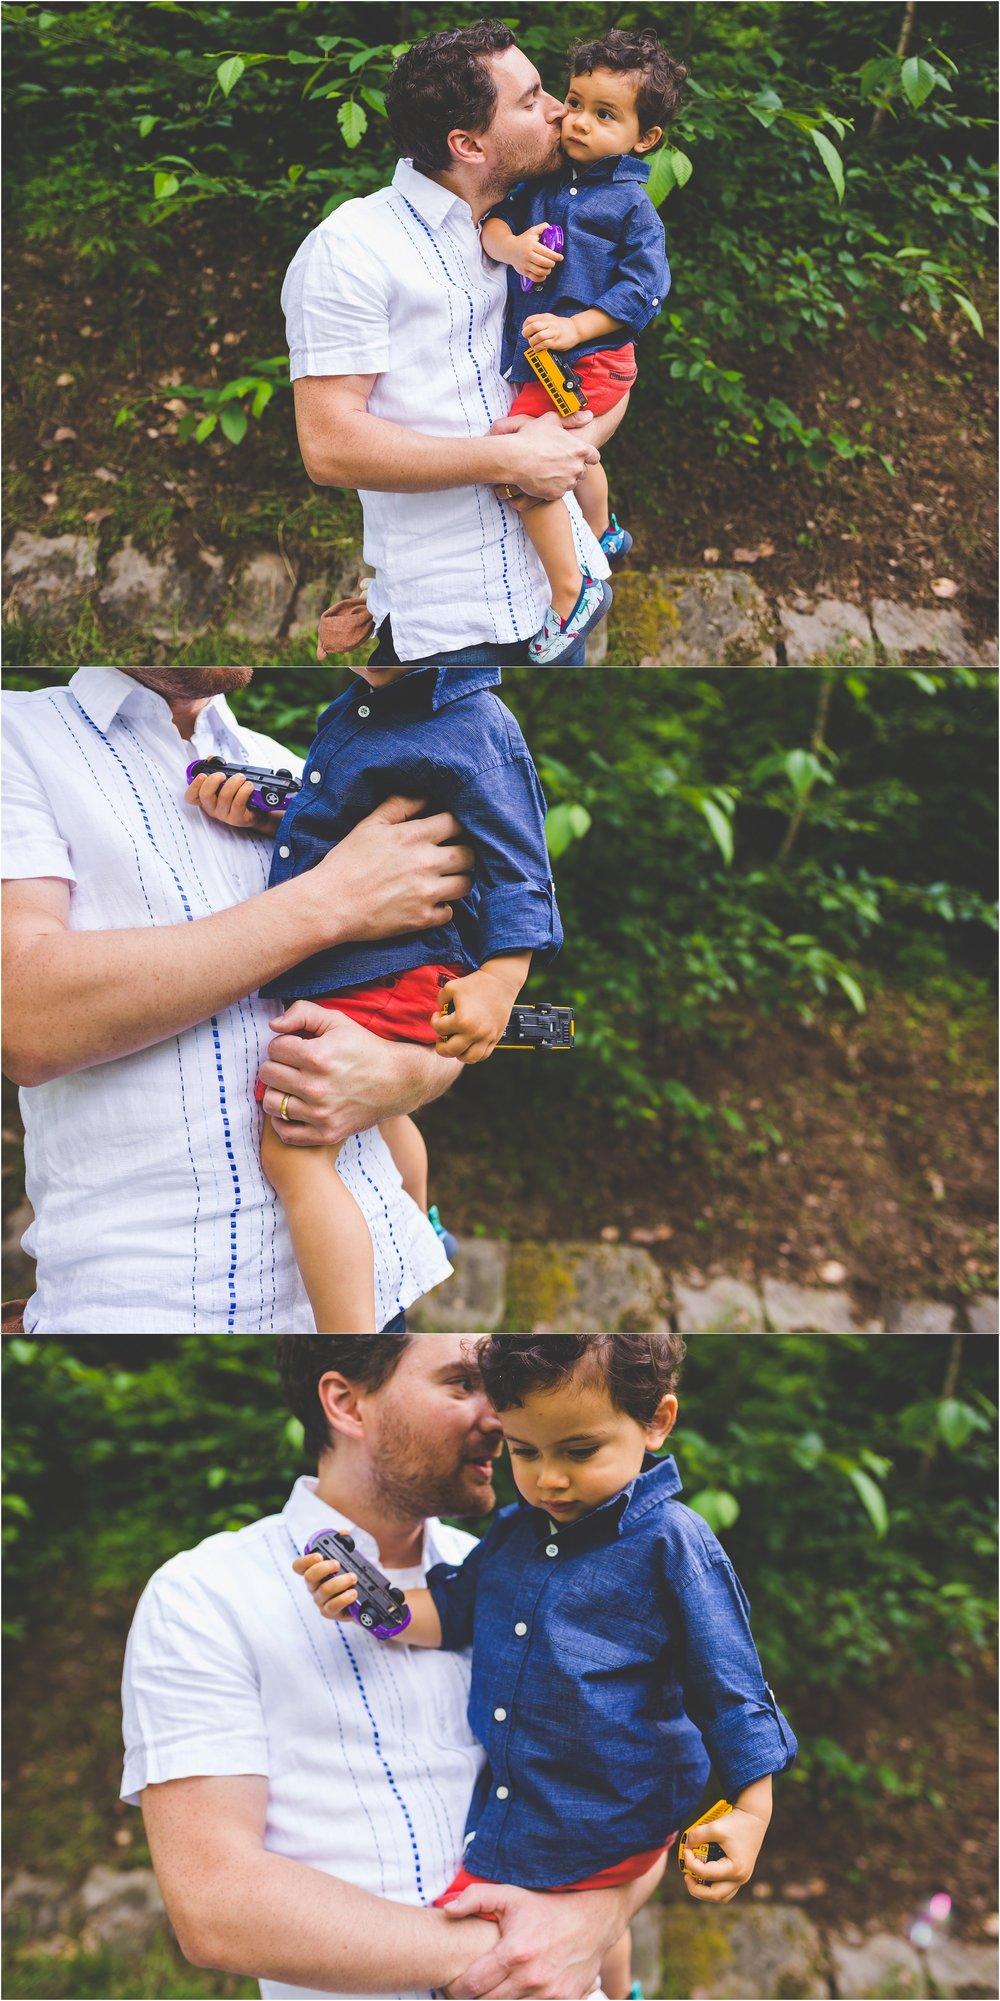 hoyt-arboretum-family-session-jannicka-mayte-portland-oregon-family-photographer_0039.jpg